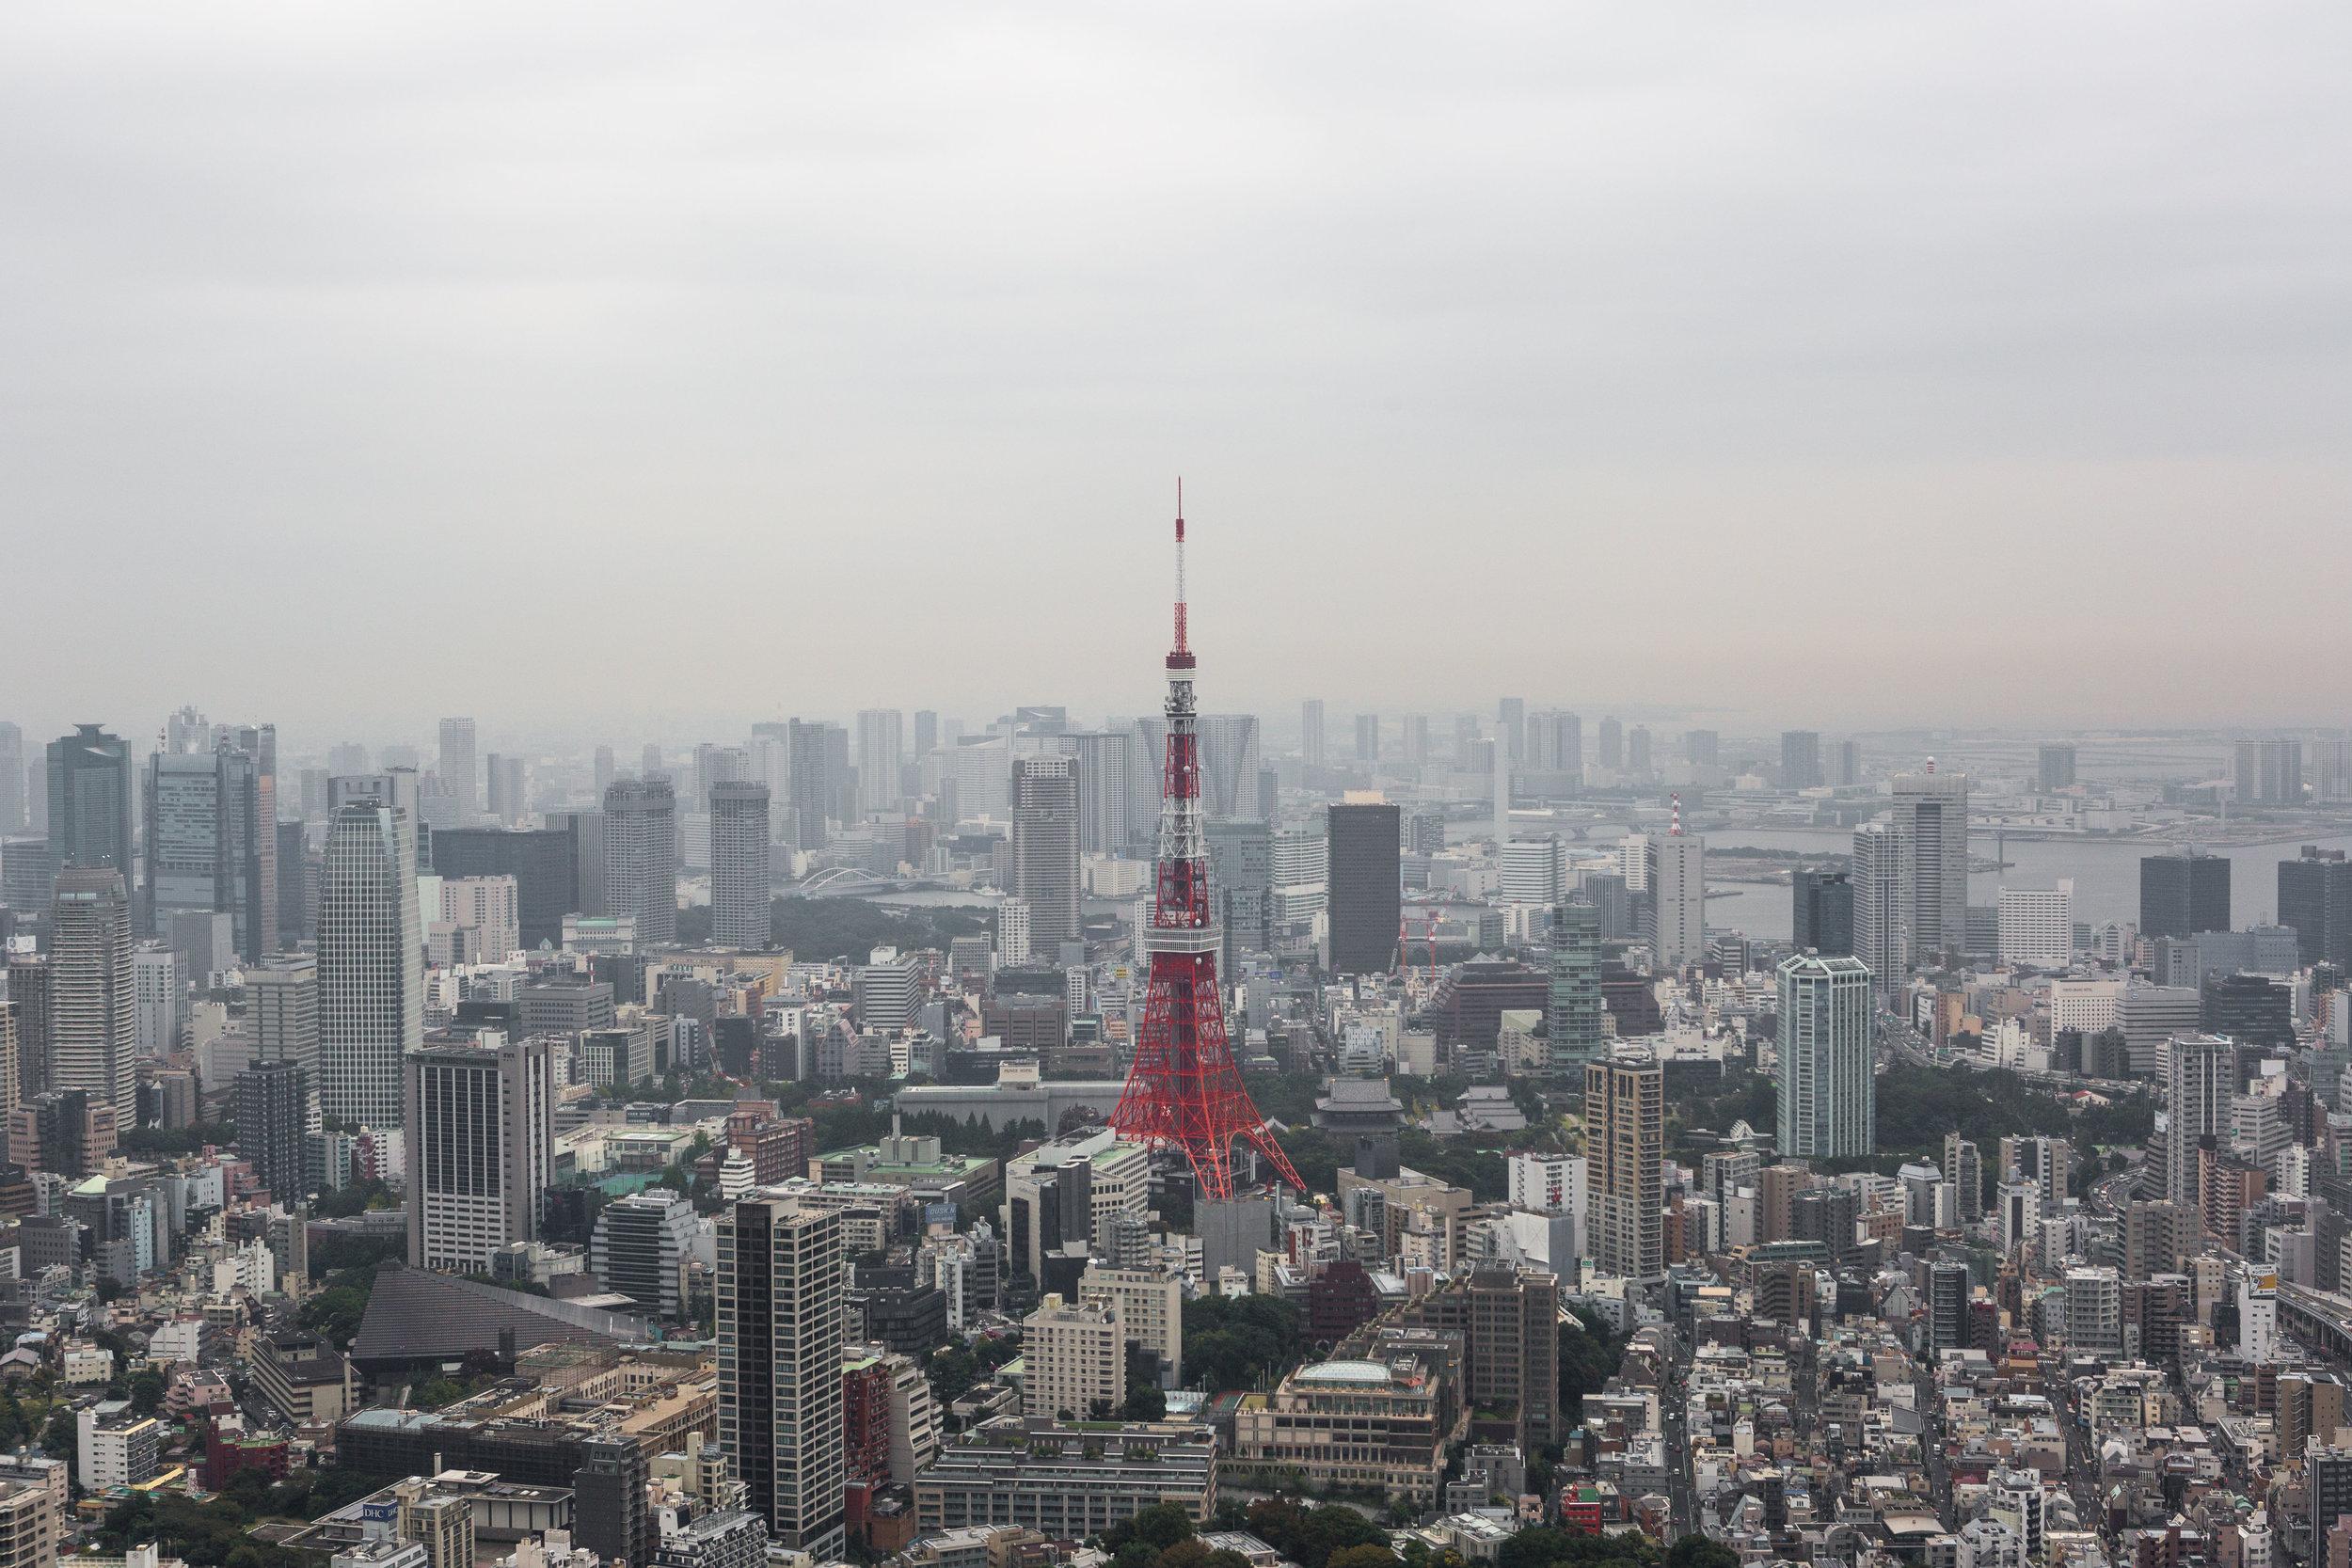 Tokyo Roppongi hills view